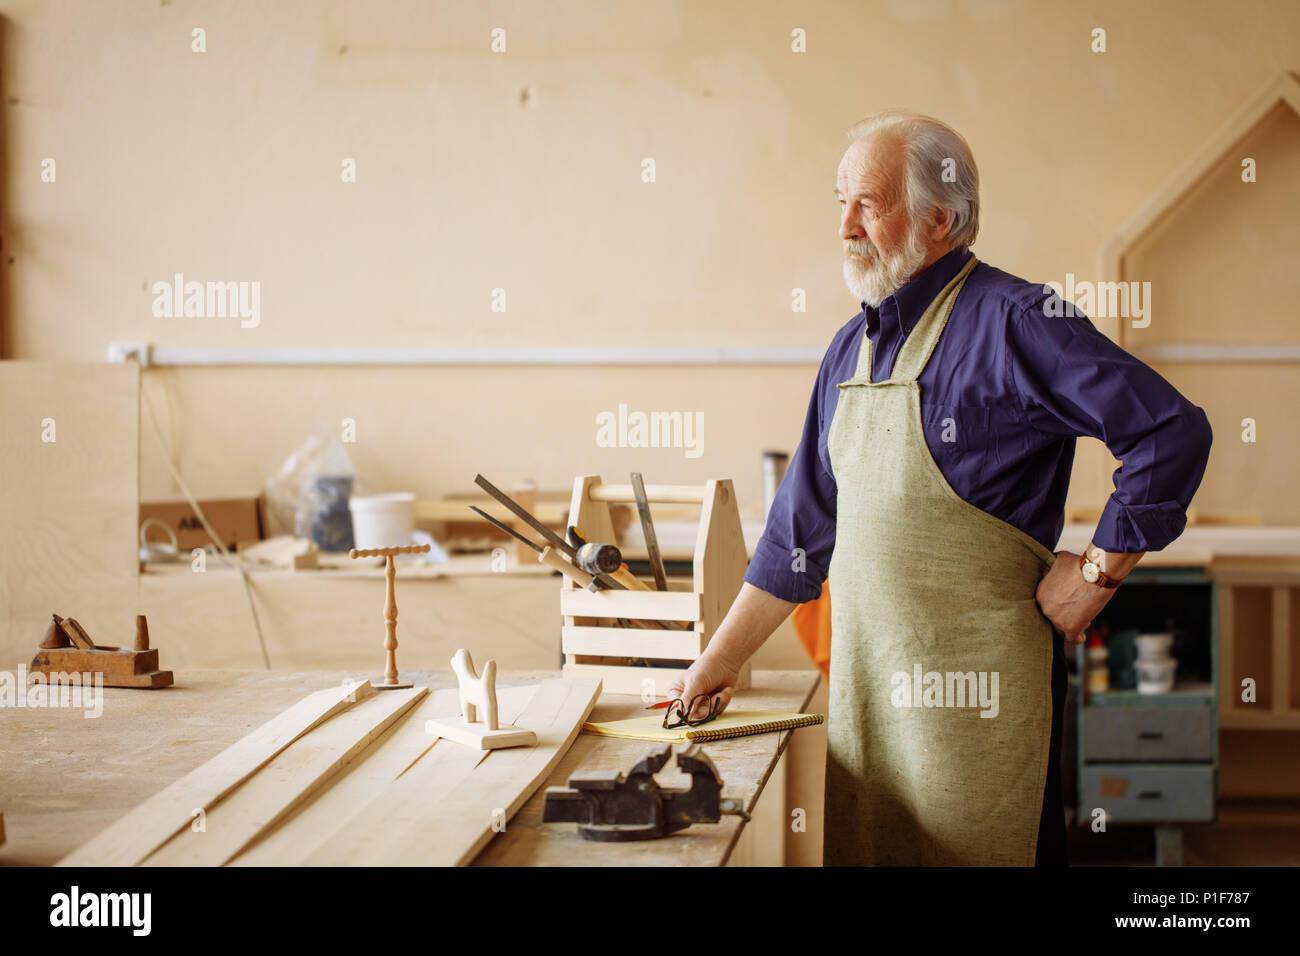 Nahaufnahme Seitenansicht Bild von müde, nachdenklich, Rentner in der Reparaturwerkstatt Stockbild